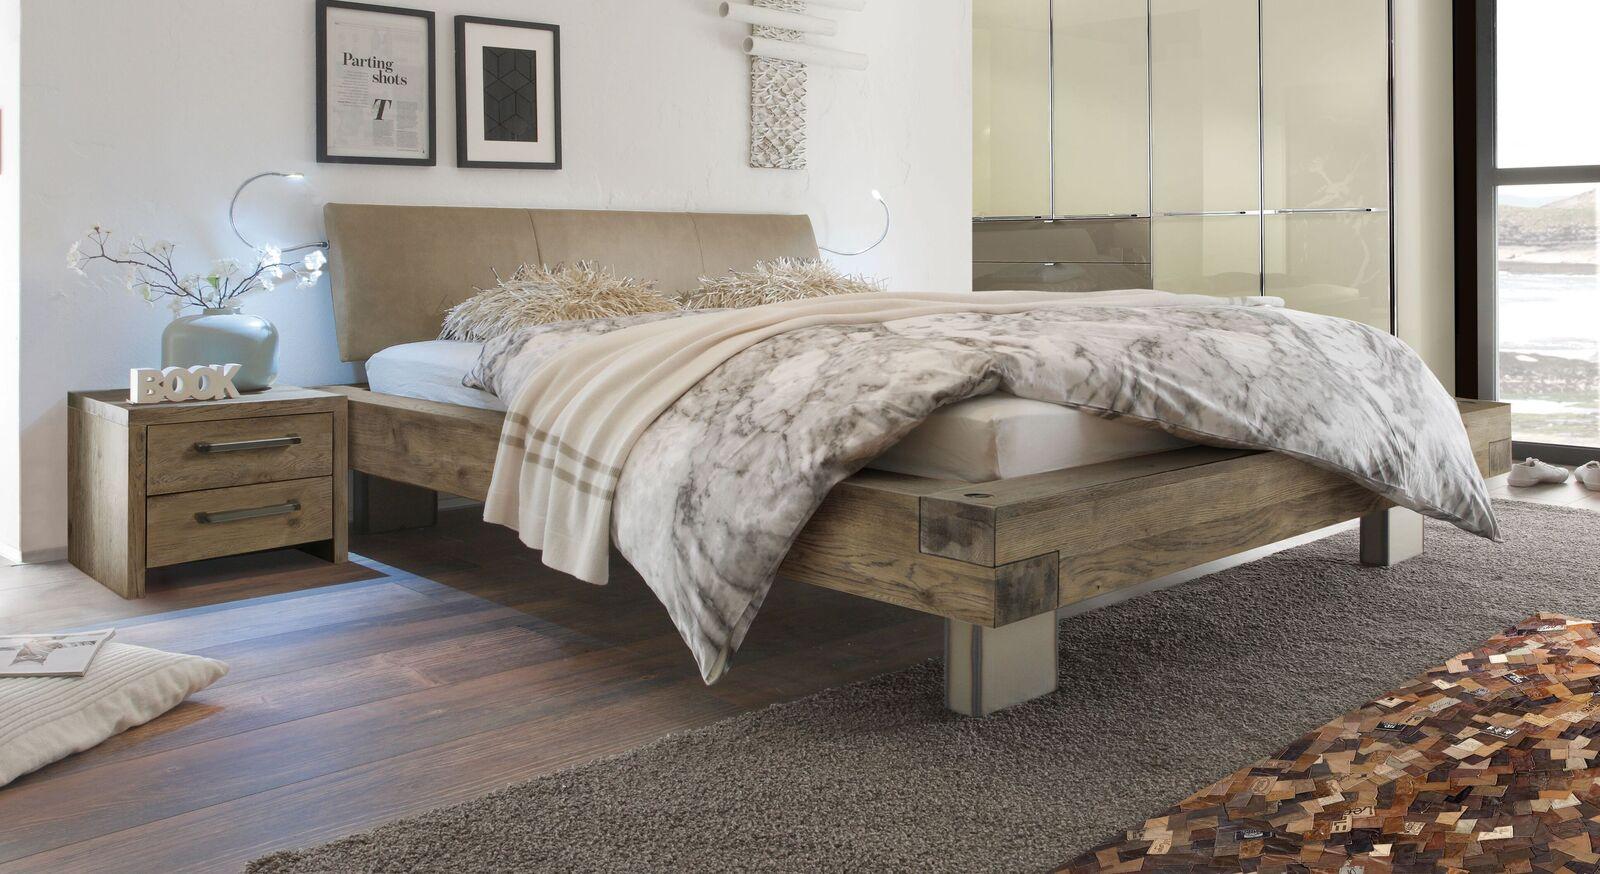 Holzbett Limeira in Terrabraun mit beigebraunem Luxus-Kunstleder